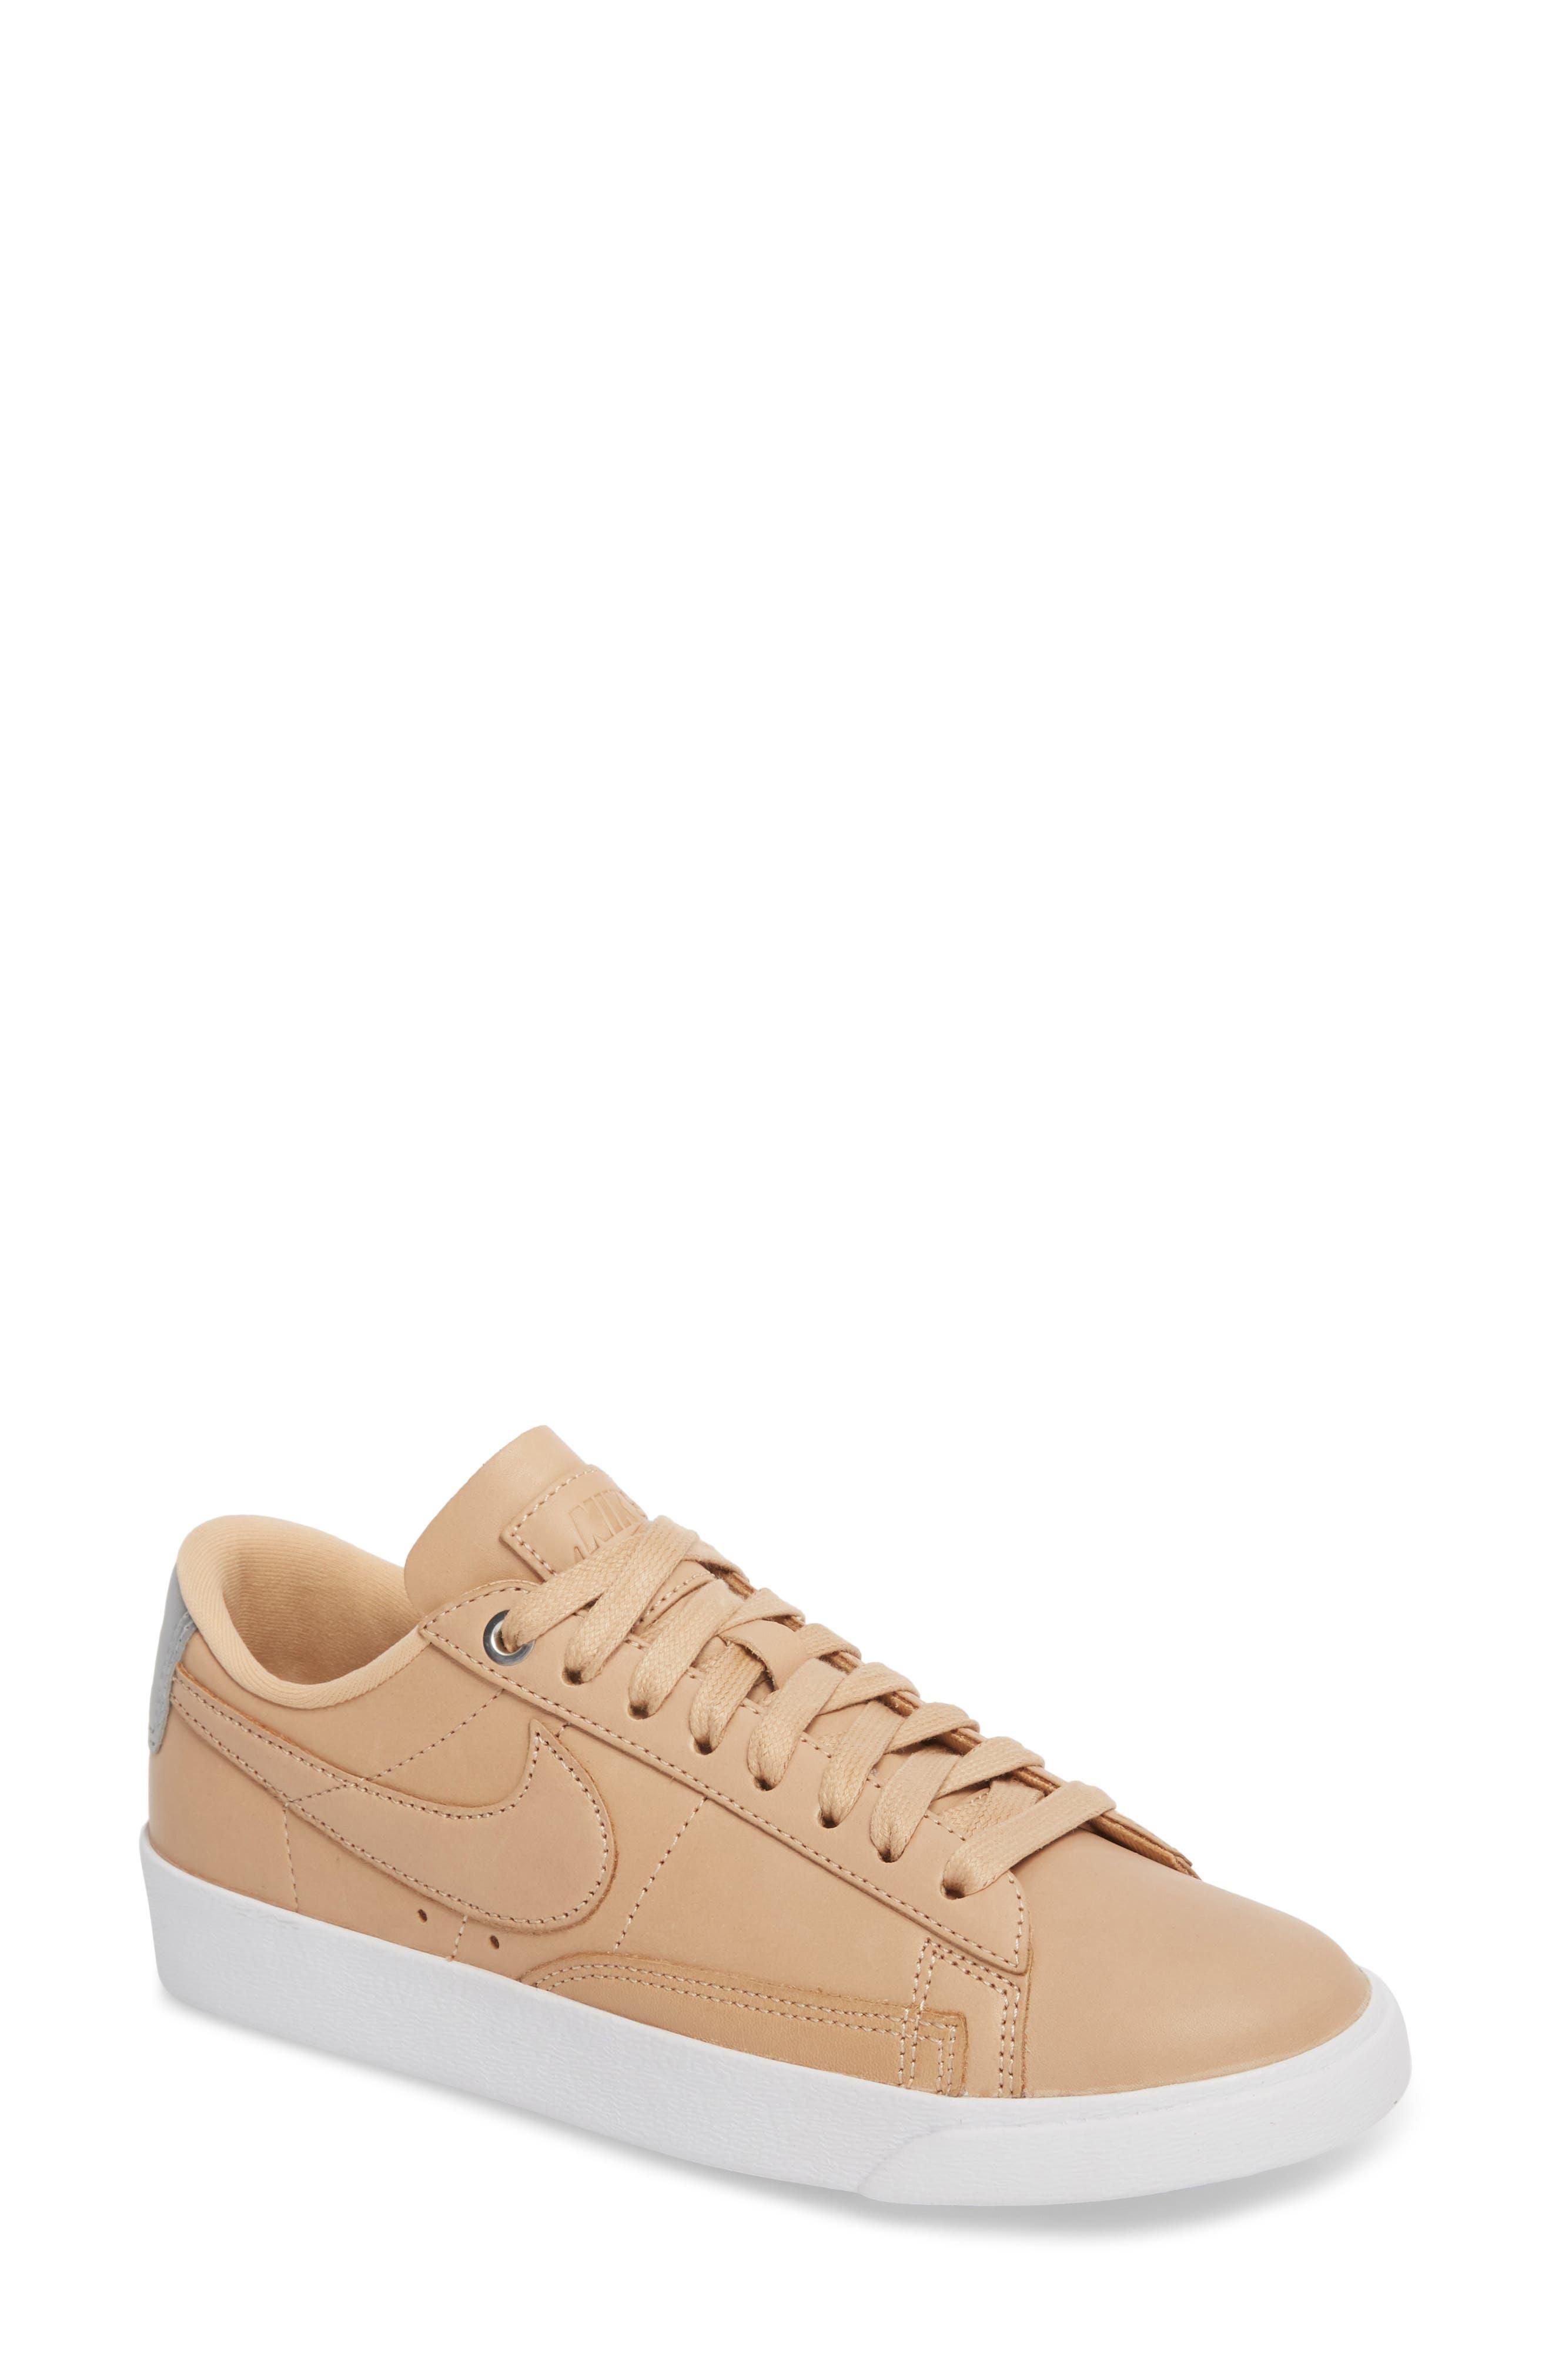 Nike Blazer Low Top Sneaker SE (Women)